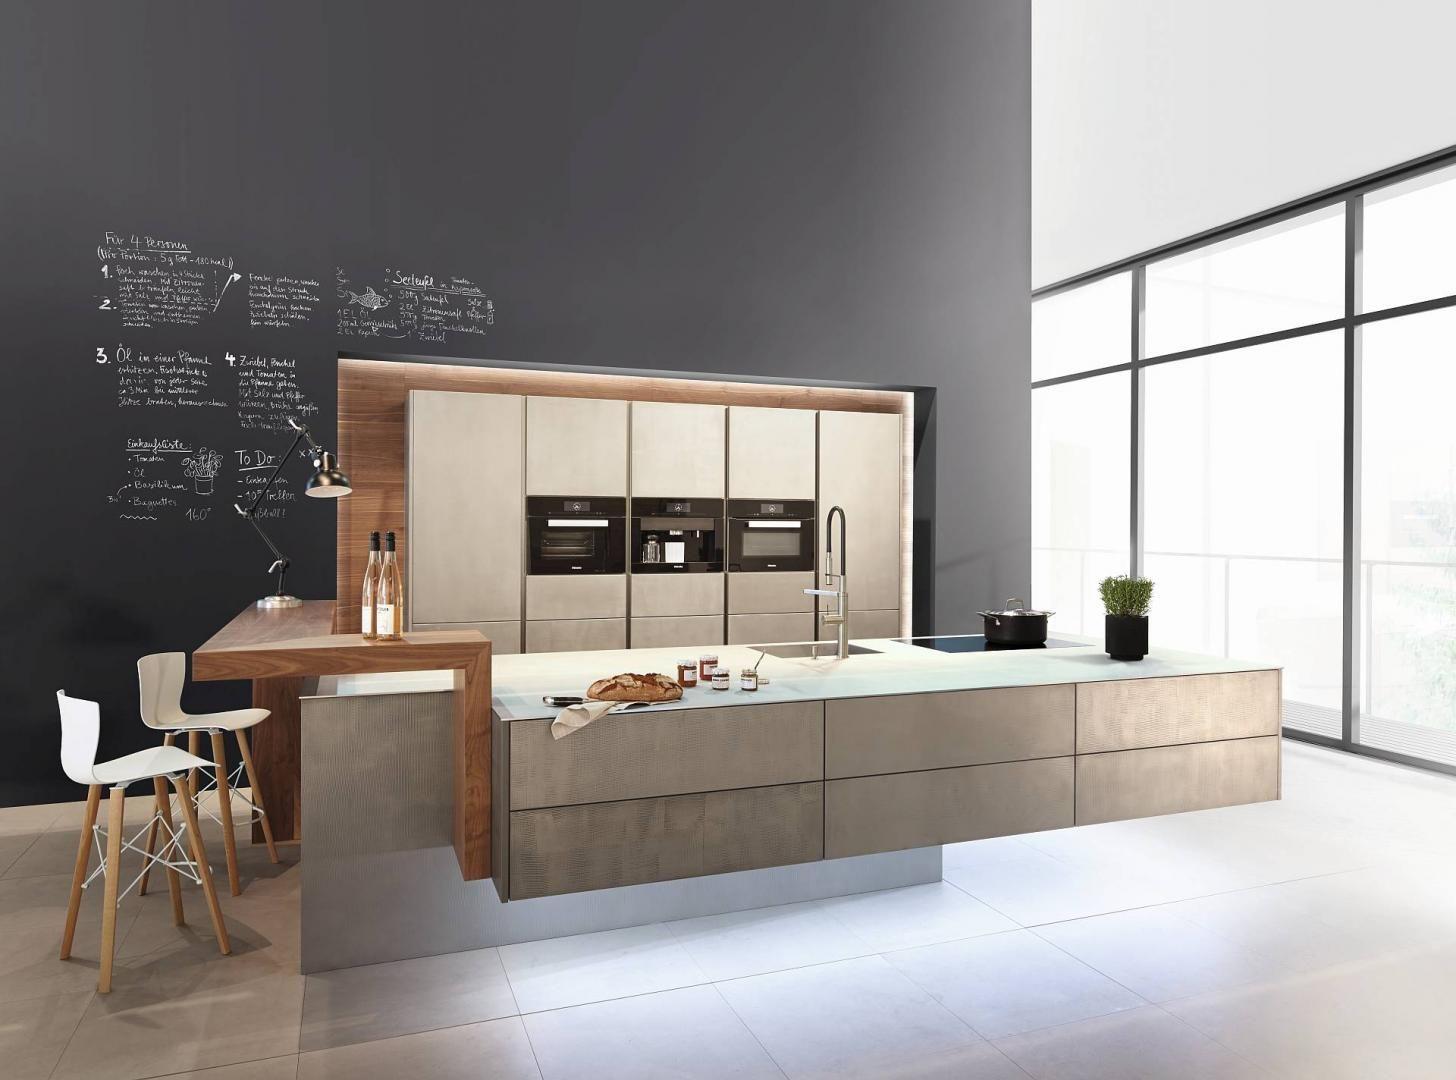 NEWKITCHEN  Zeyko küchen, Küchen design, Moderne küche